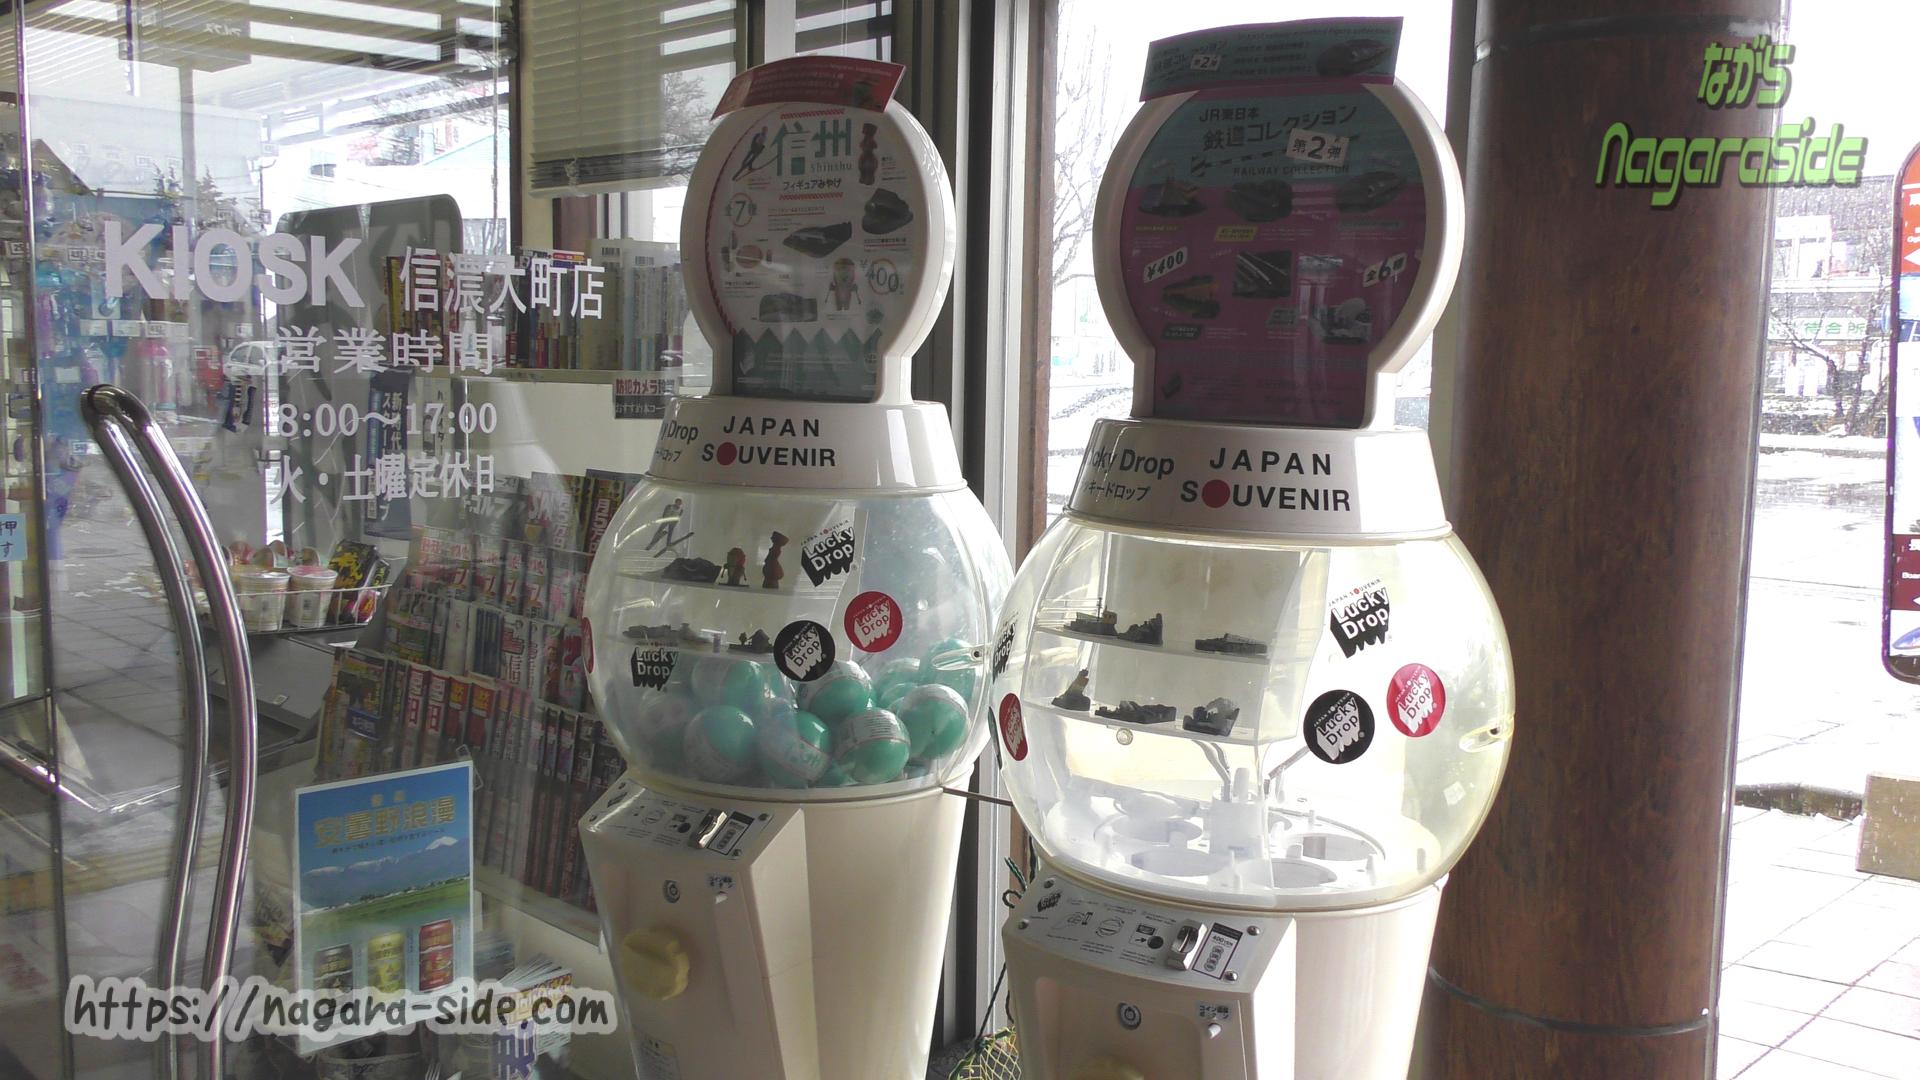 信濃大町駅にある鉄道フィギュアのガチャガチャ